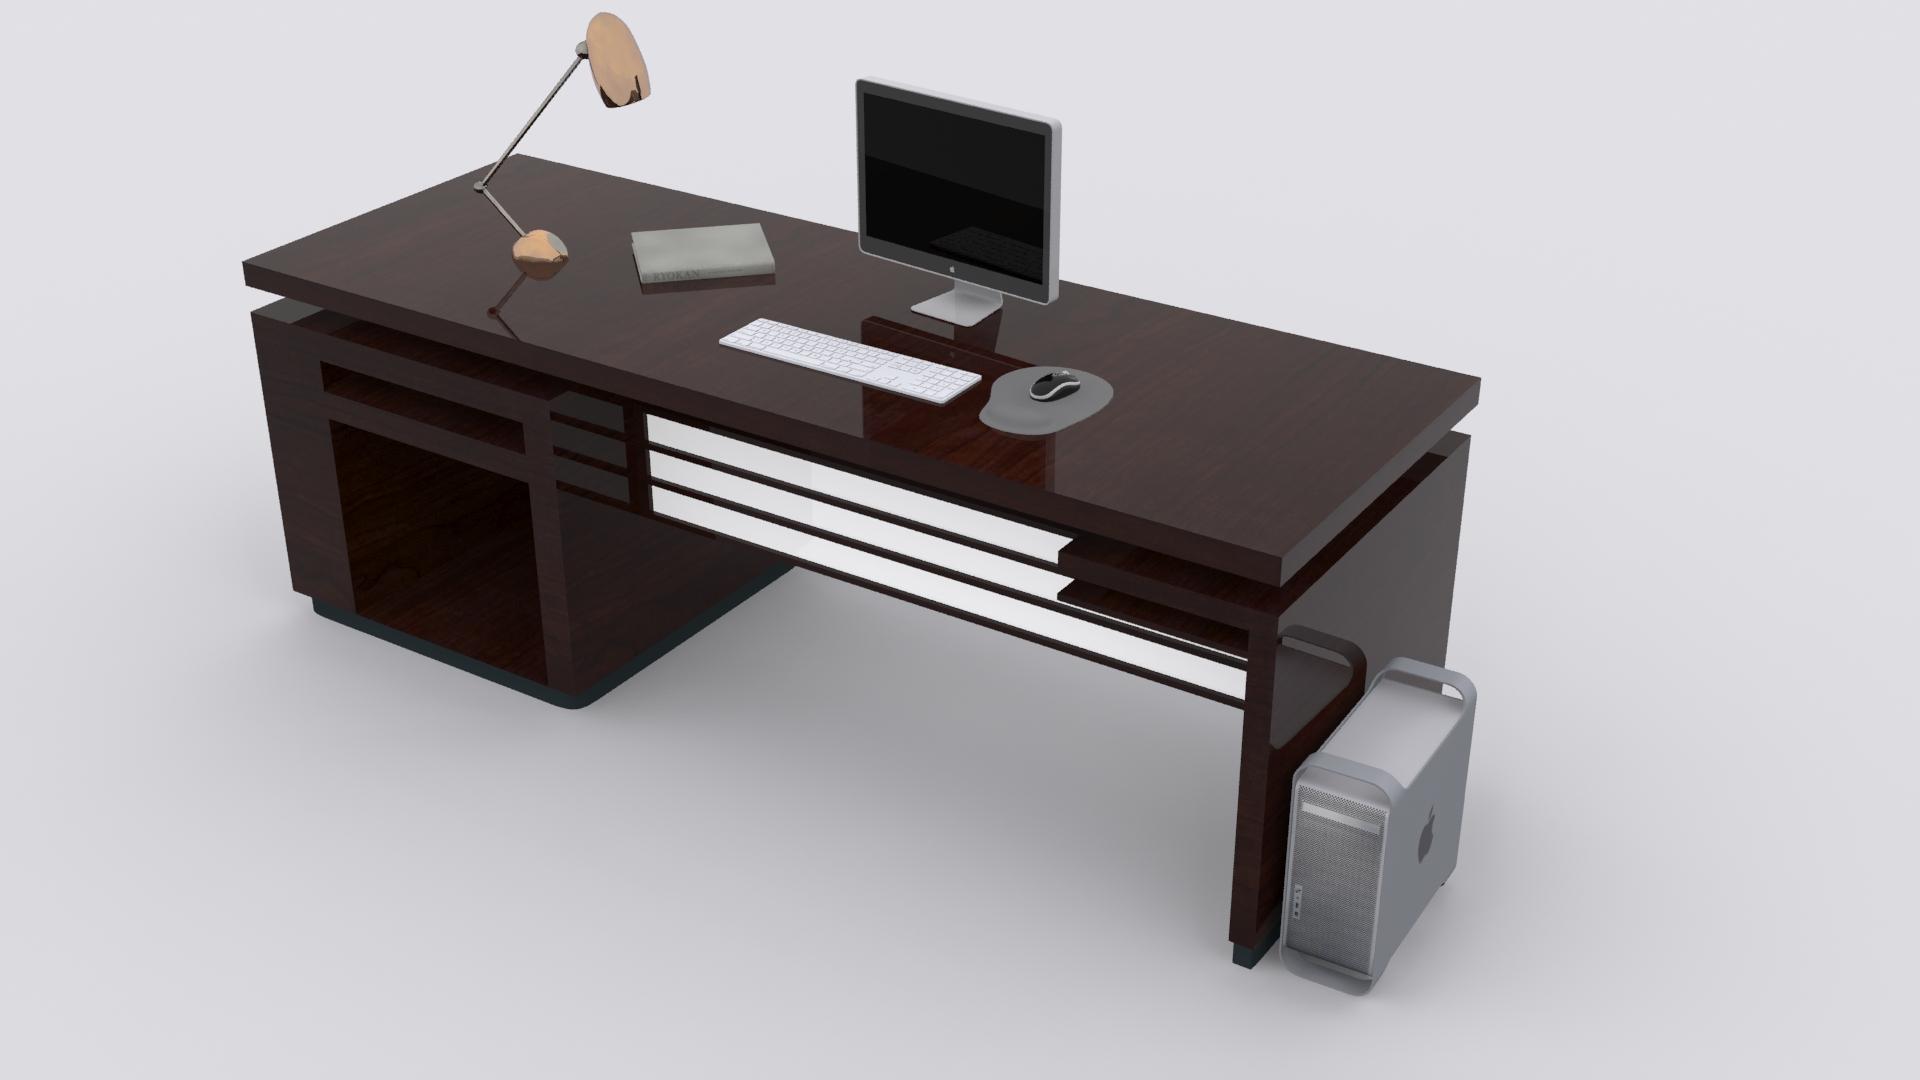 Autodesk 3ds max design 2012 low price